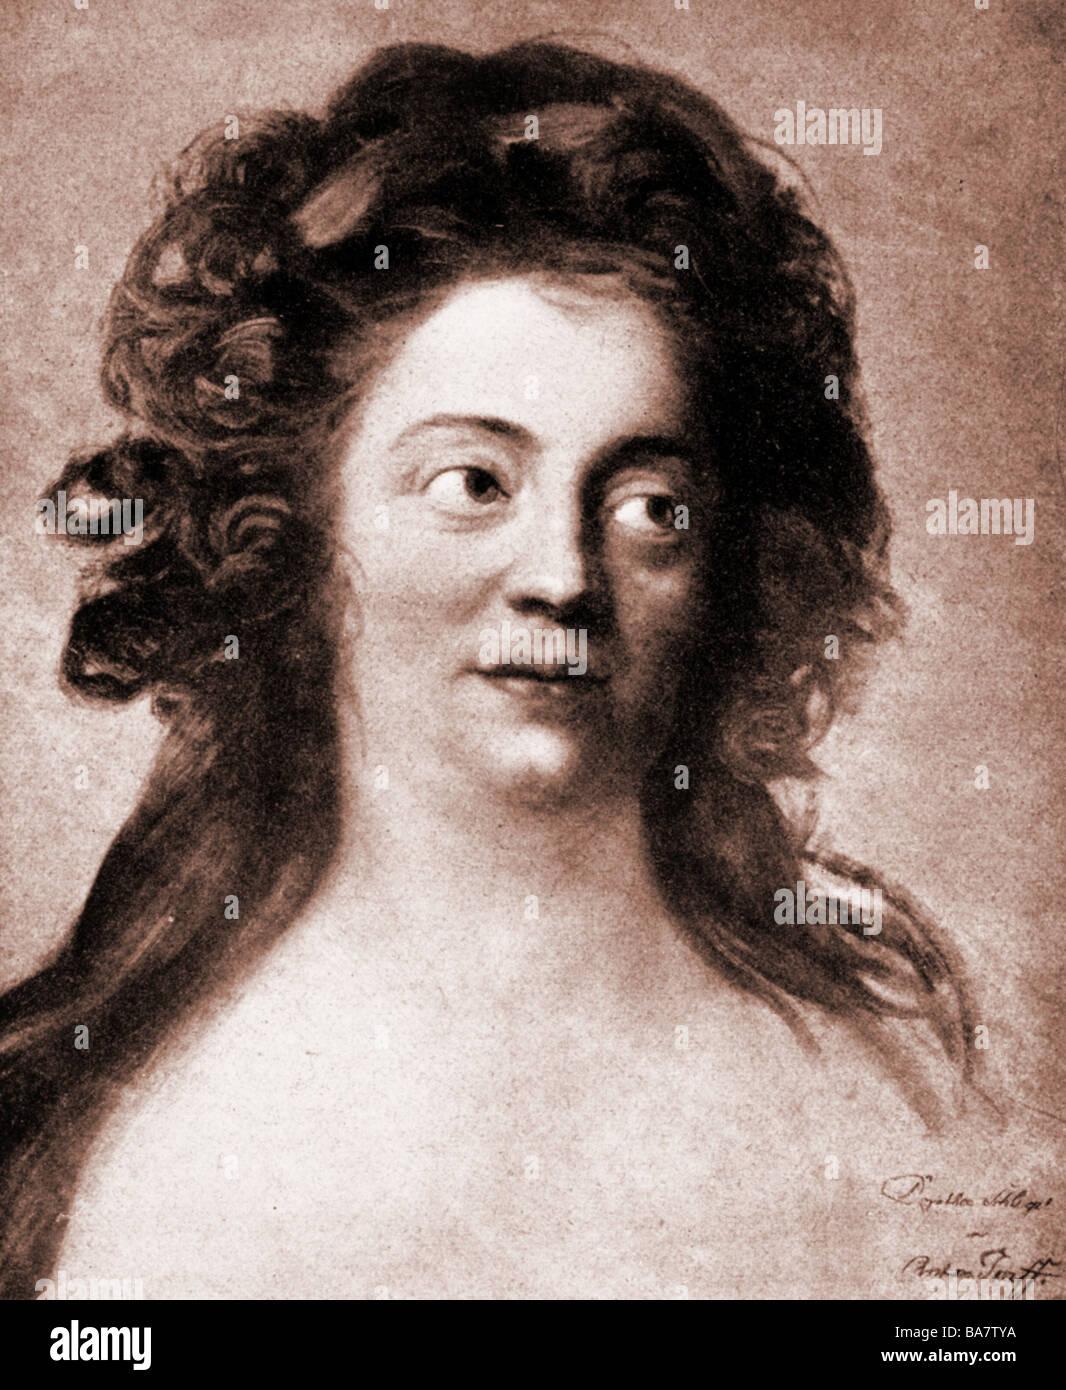 Schlegel, Dorothea Friederike, 24.10.1763 - 3.8.1839, deutscher Autor/Autorin, Porträt, nach dem Gemälde Stockbild